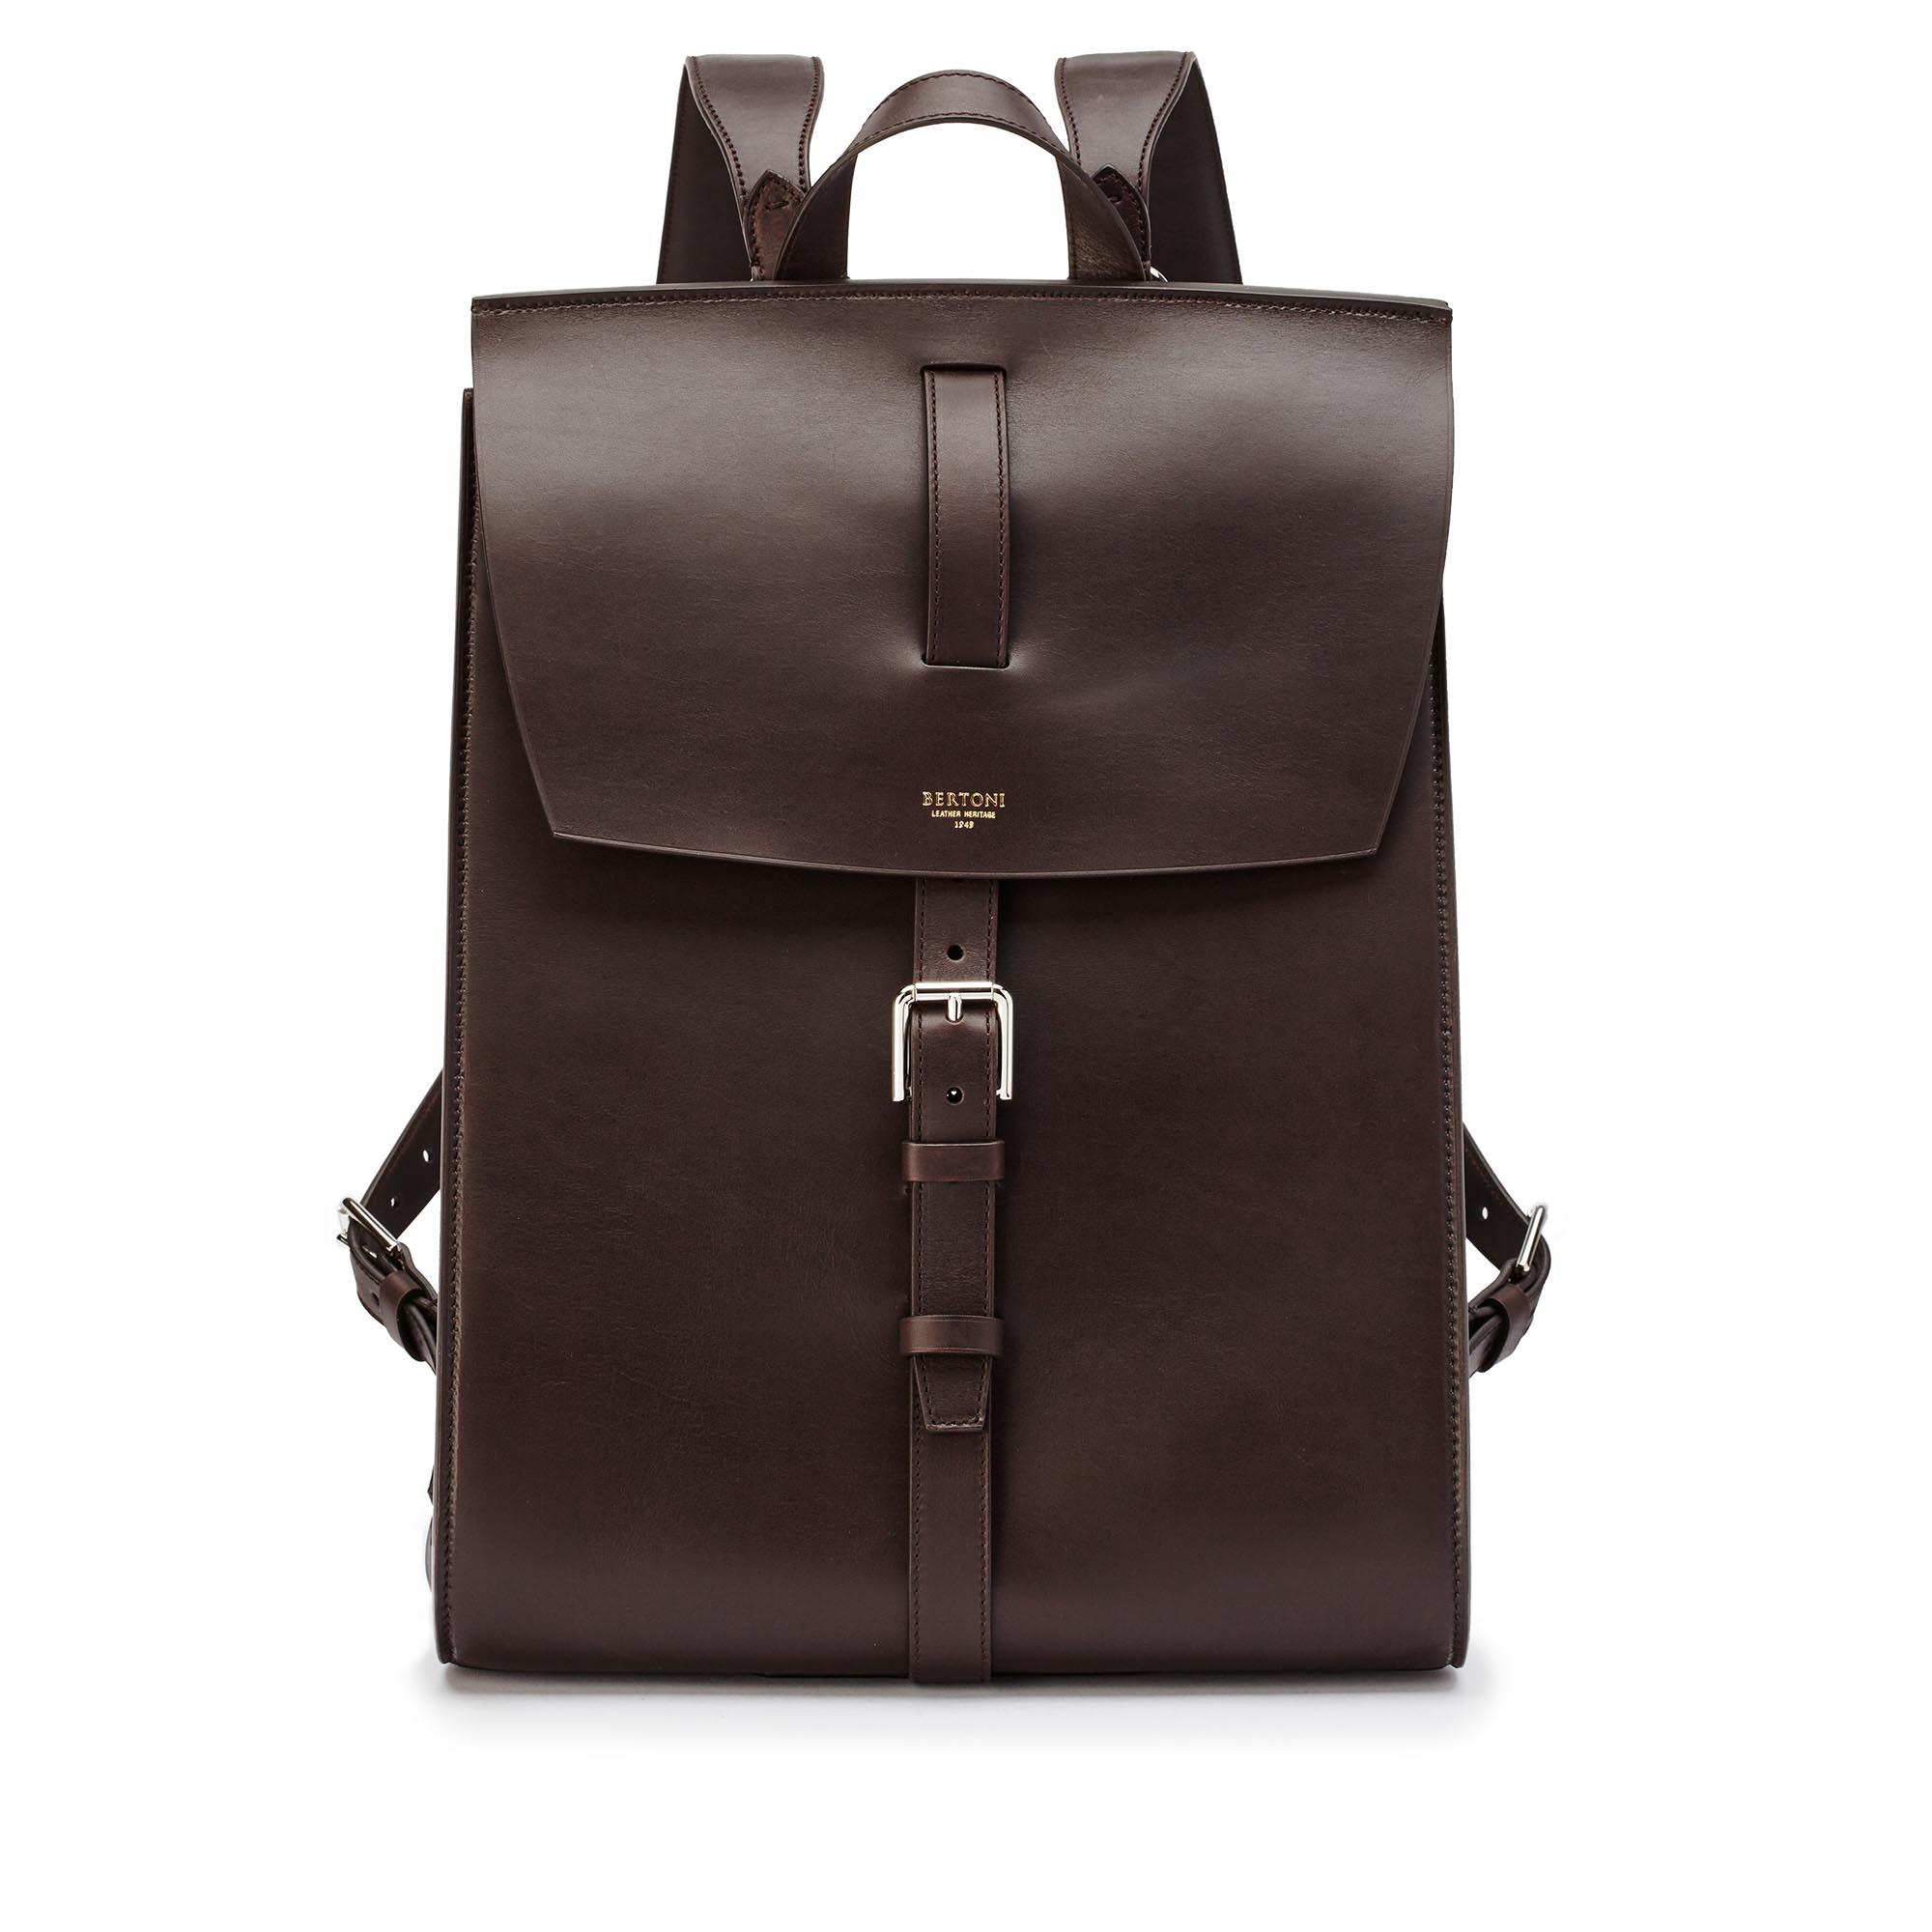 Signature-Backpack-dark-brown-french-calf-bag-Bertoni-1949